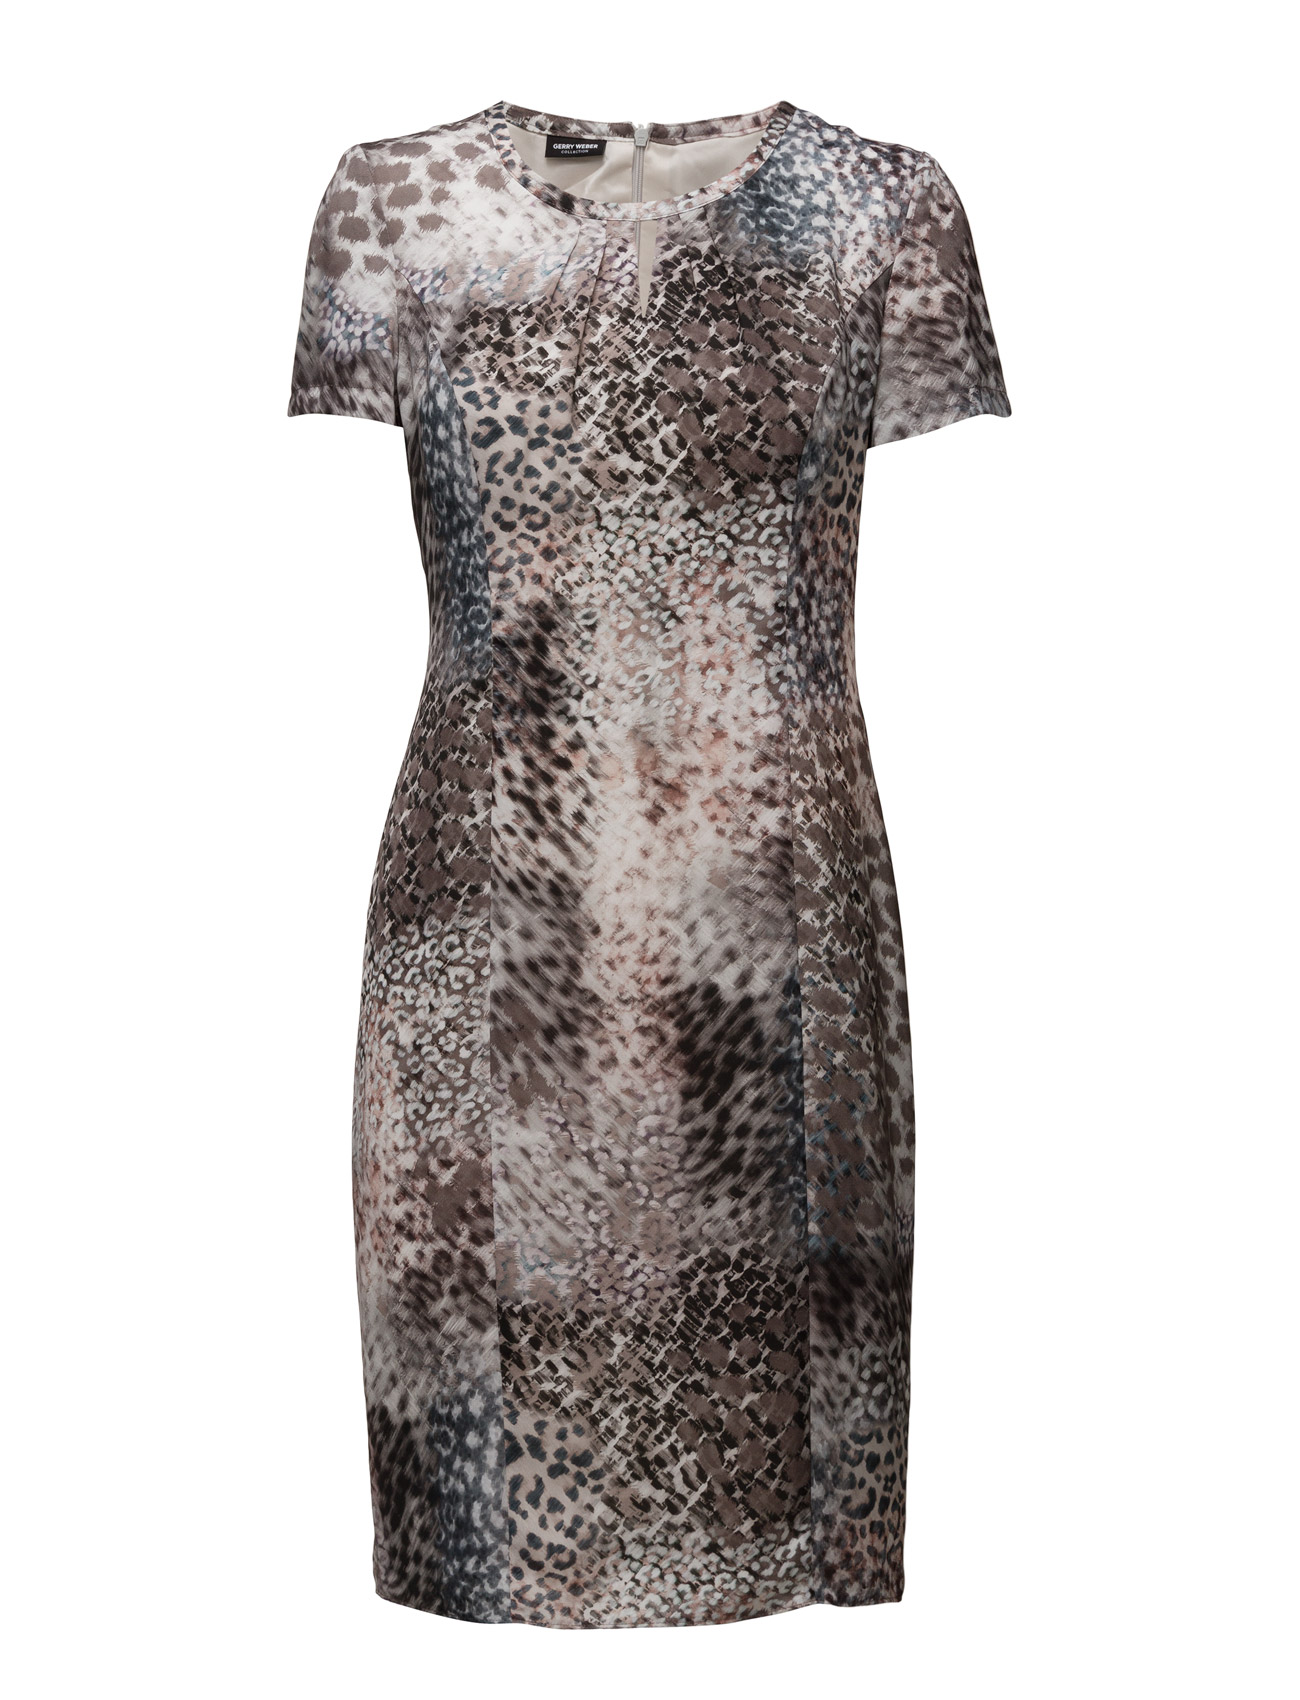 Dress Woven Fabric Gerry Weber Kjoler til Kvinder i